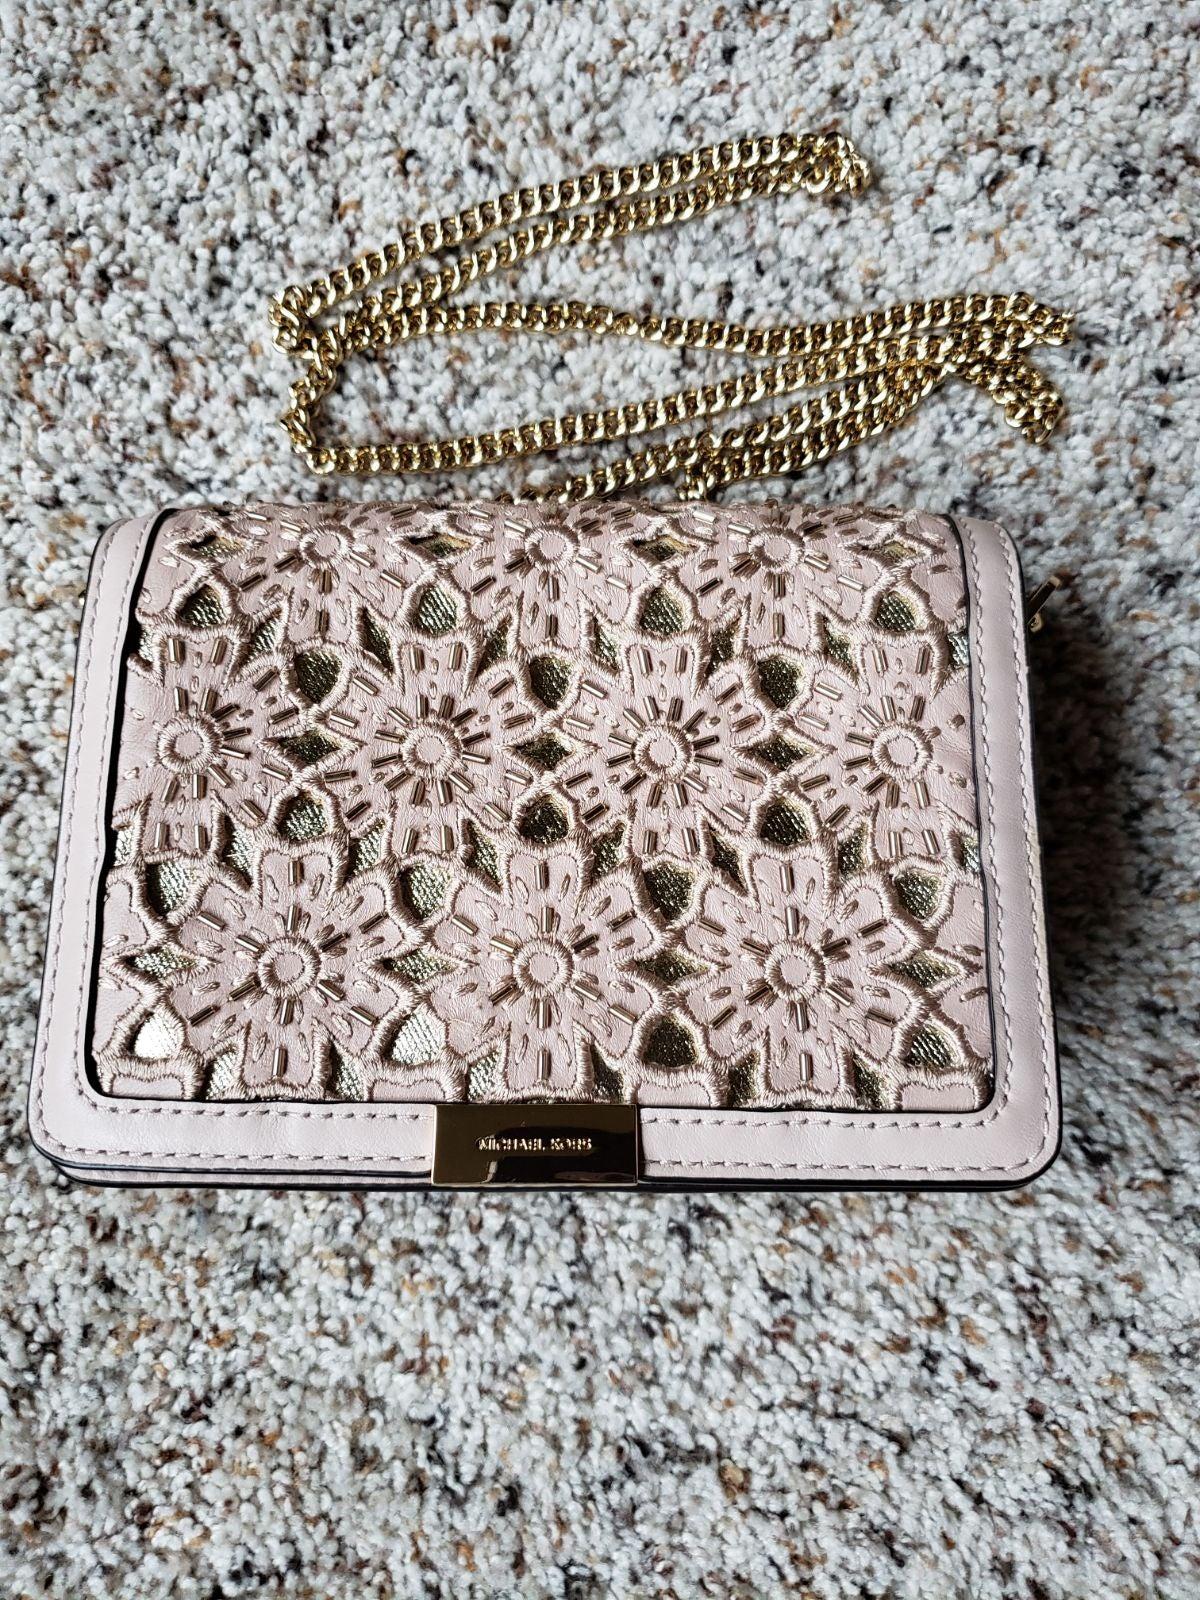 Michael Kors Beaded Floral Bag $298